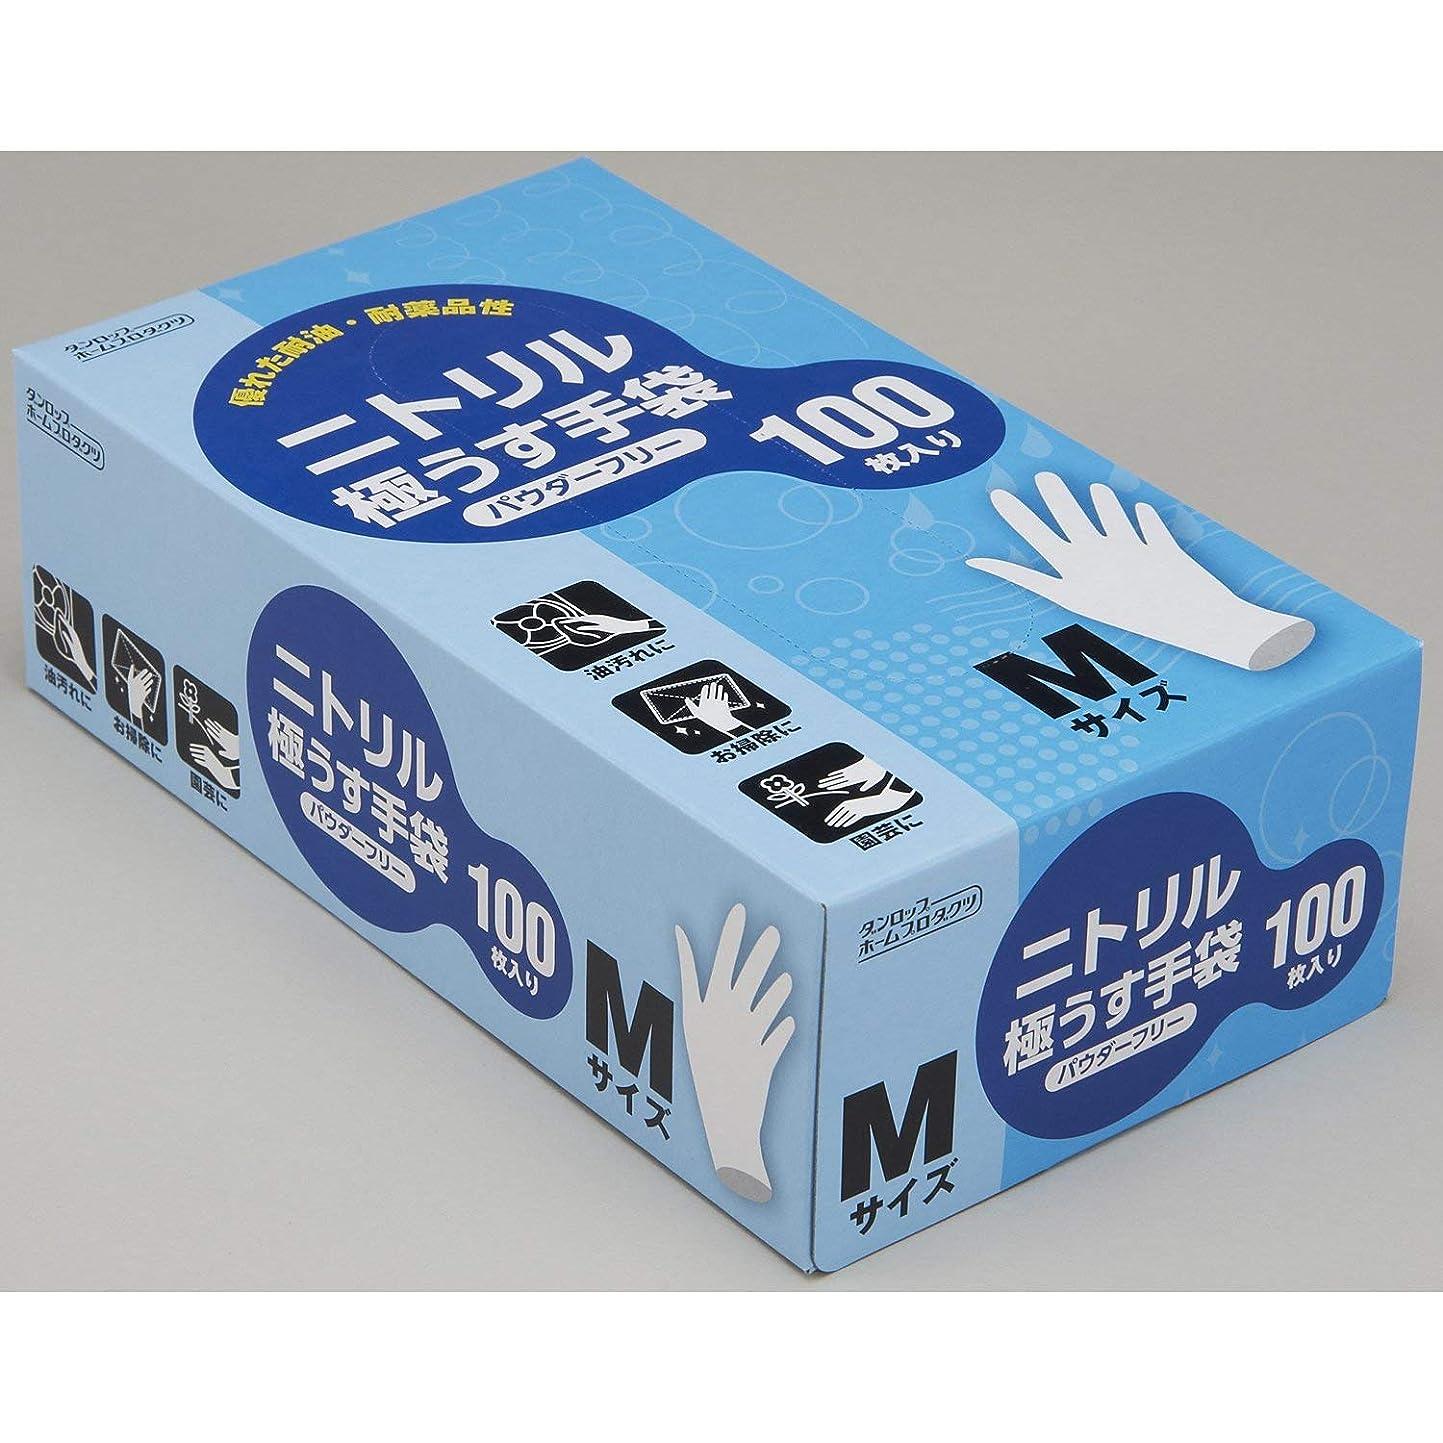 ゆりかご日記感じるダンロップ 二トリル極うす手袋 パウダーフリー Mサイズ 100枚入 ×20個